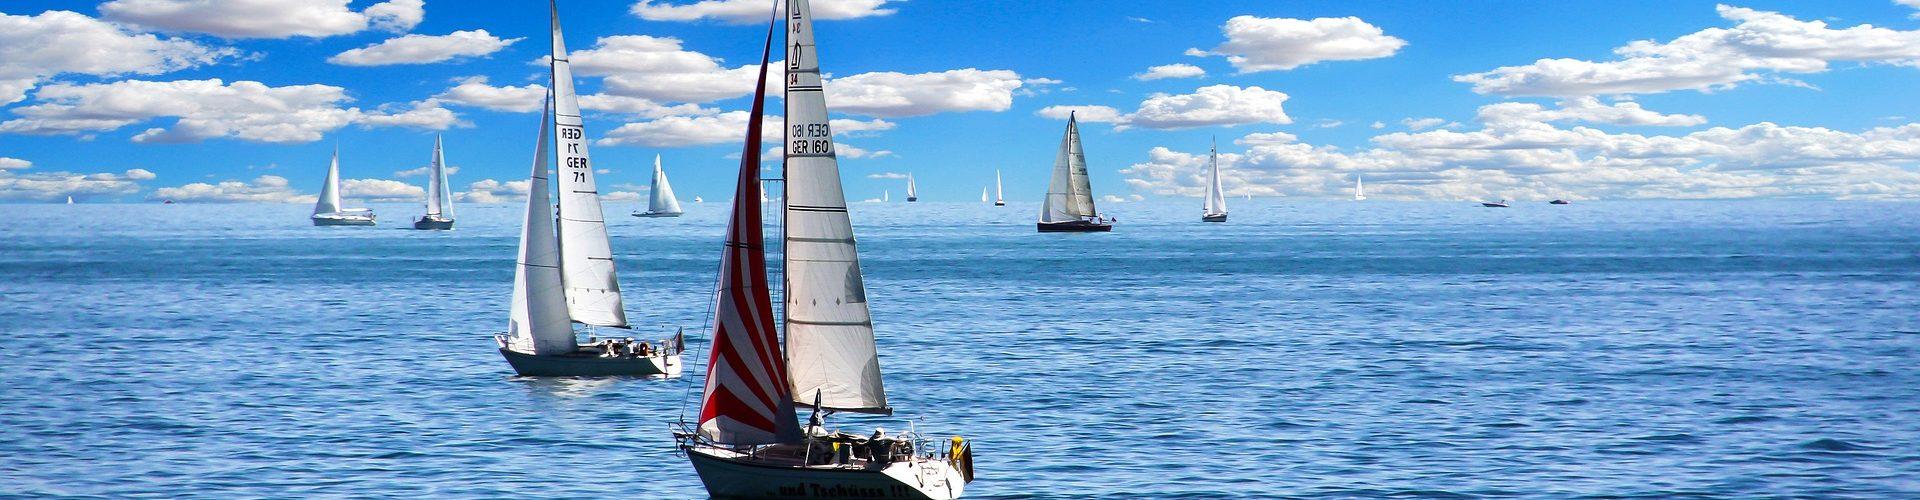 segeln lernen in Meckenheim segelschein machen in Meckenheim 1920x500 - Segeln lernen in Meckenheim